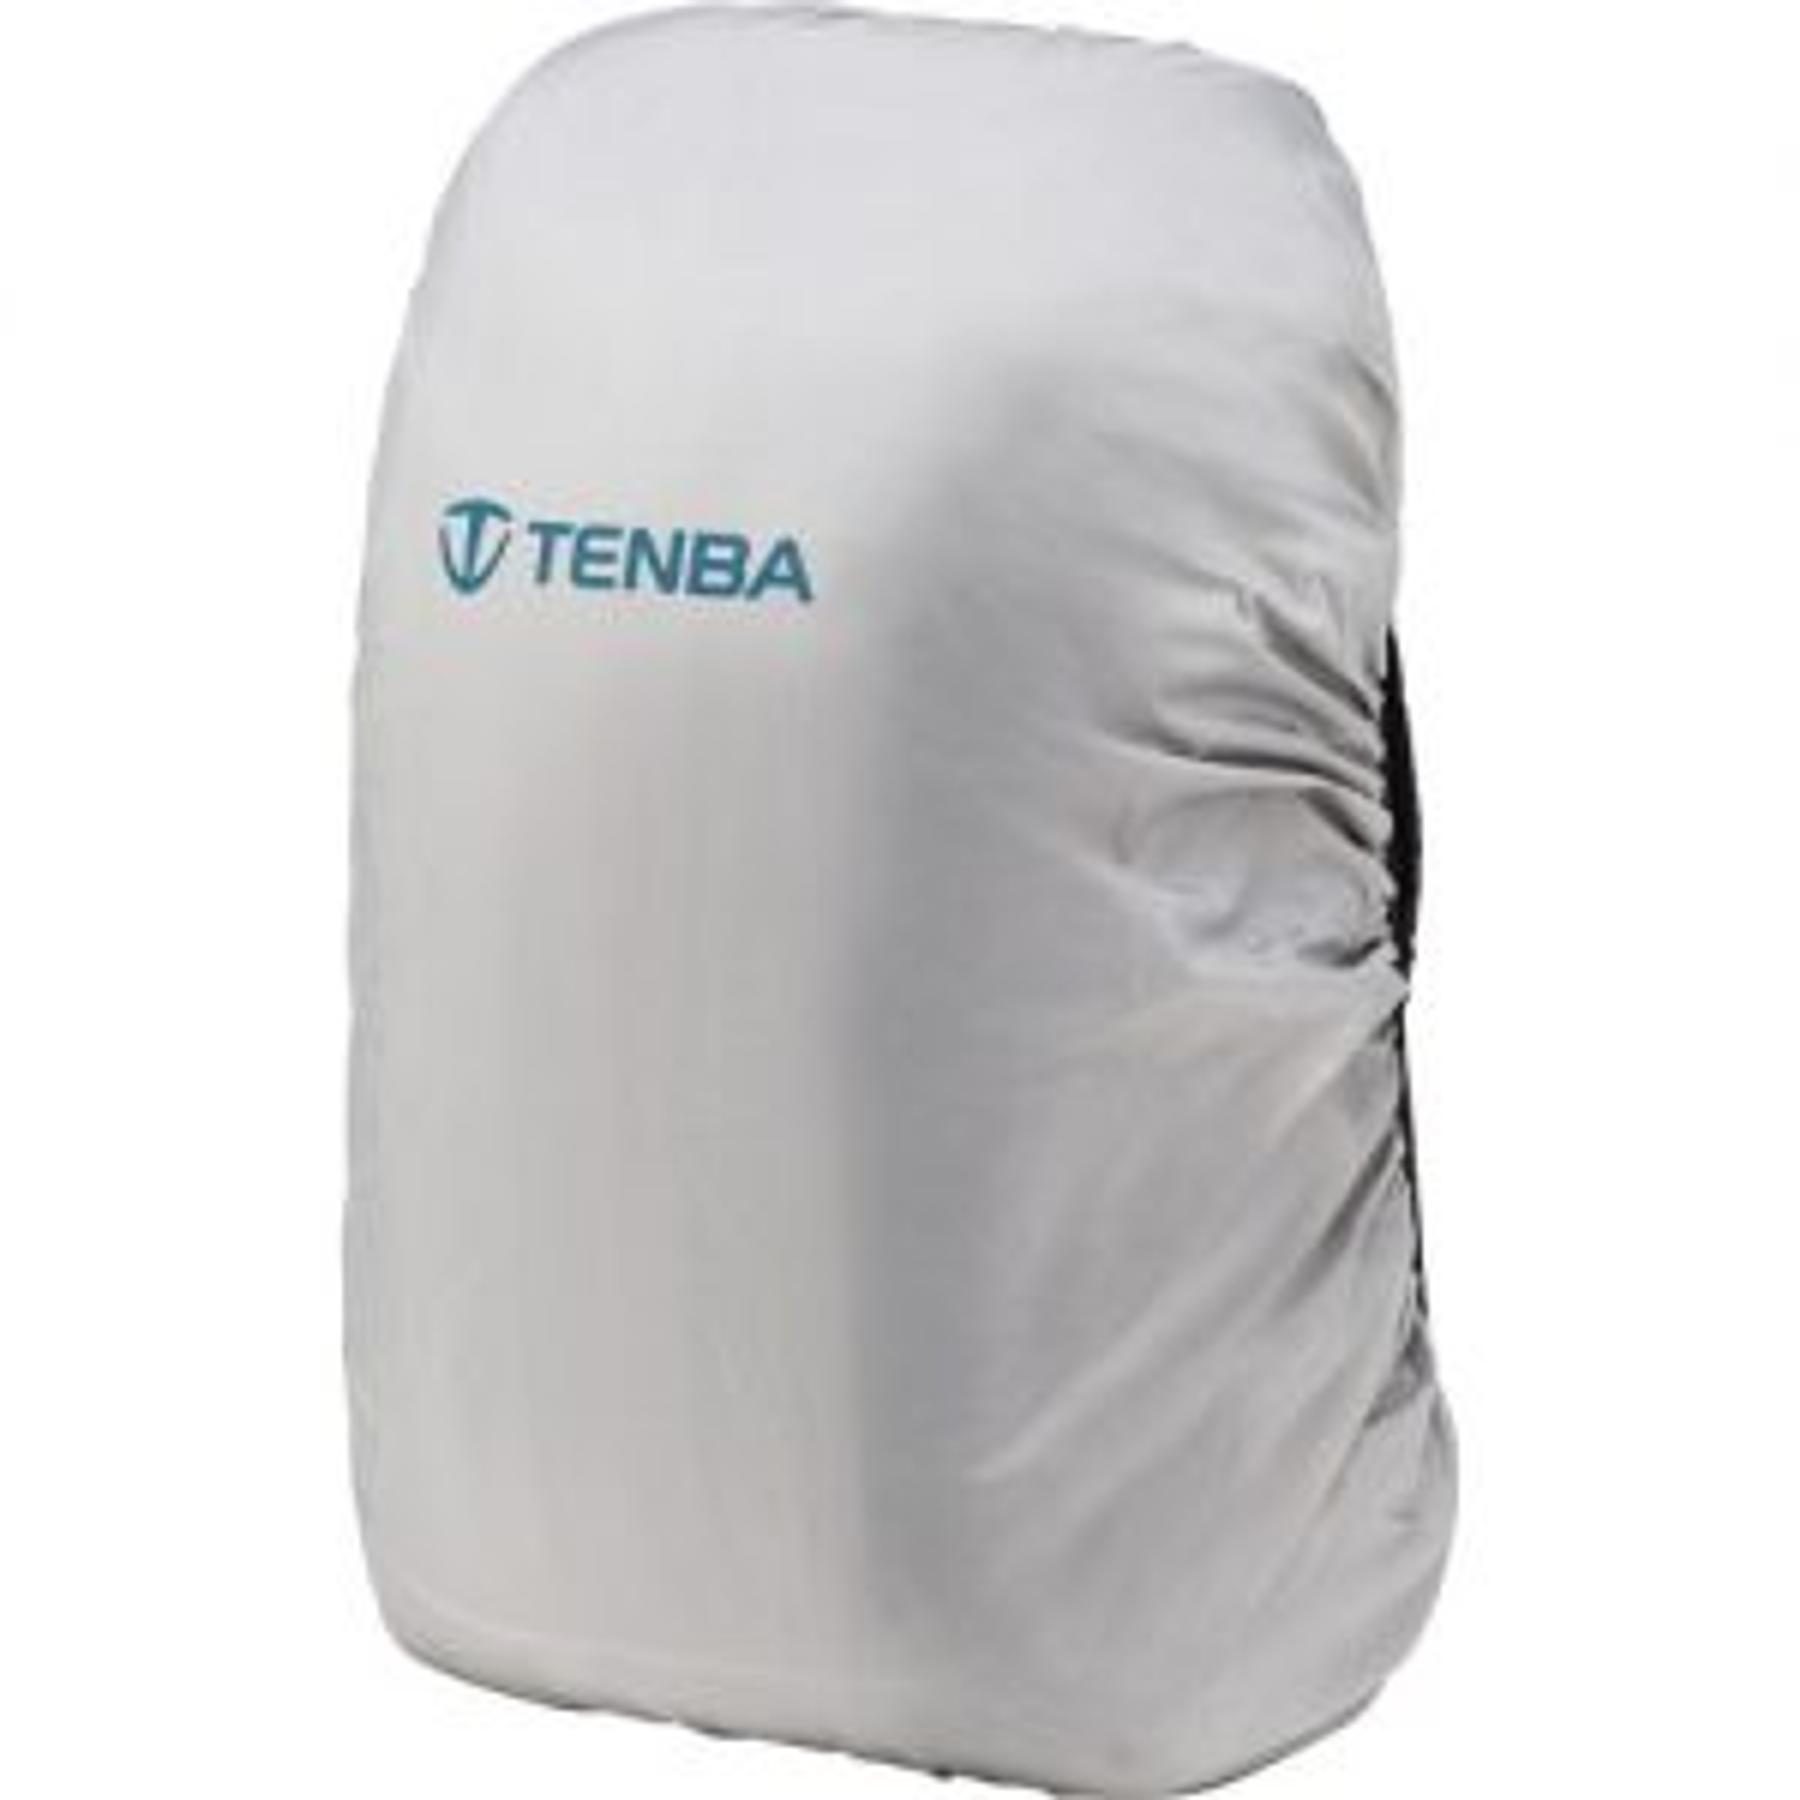 Tenba Solstice 20L Mochila (Black/636-413)